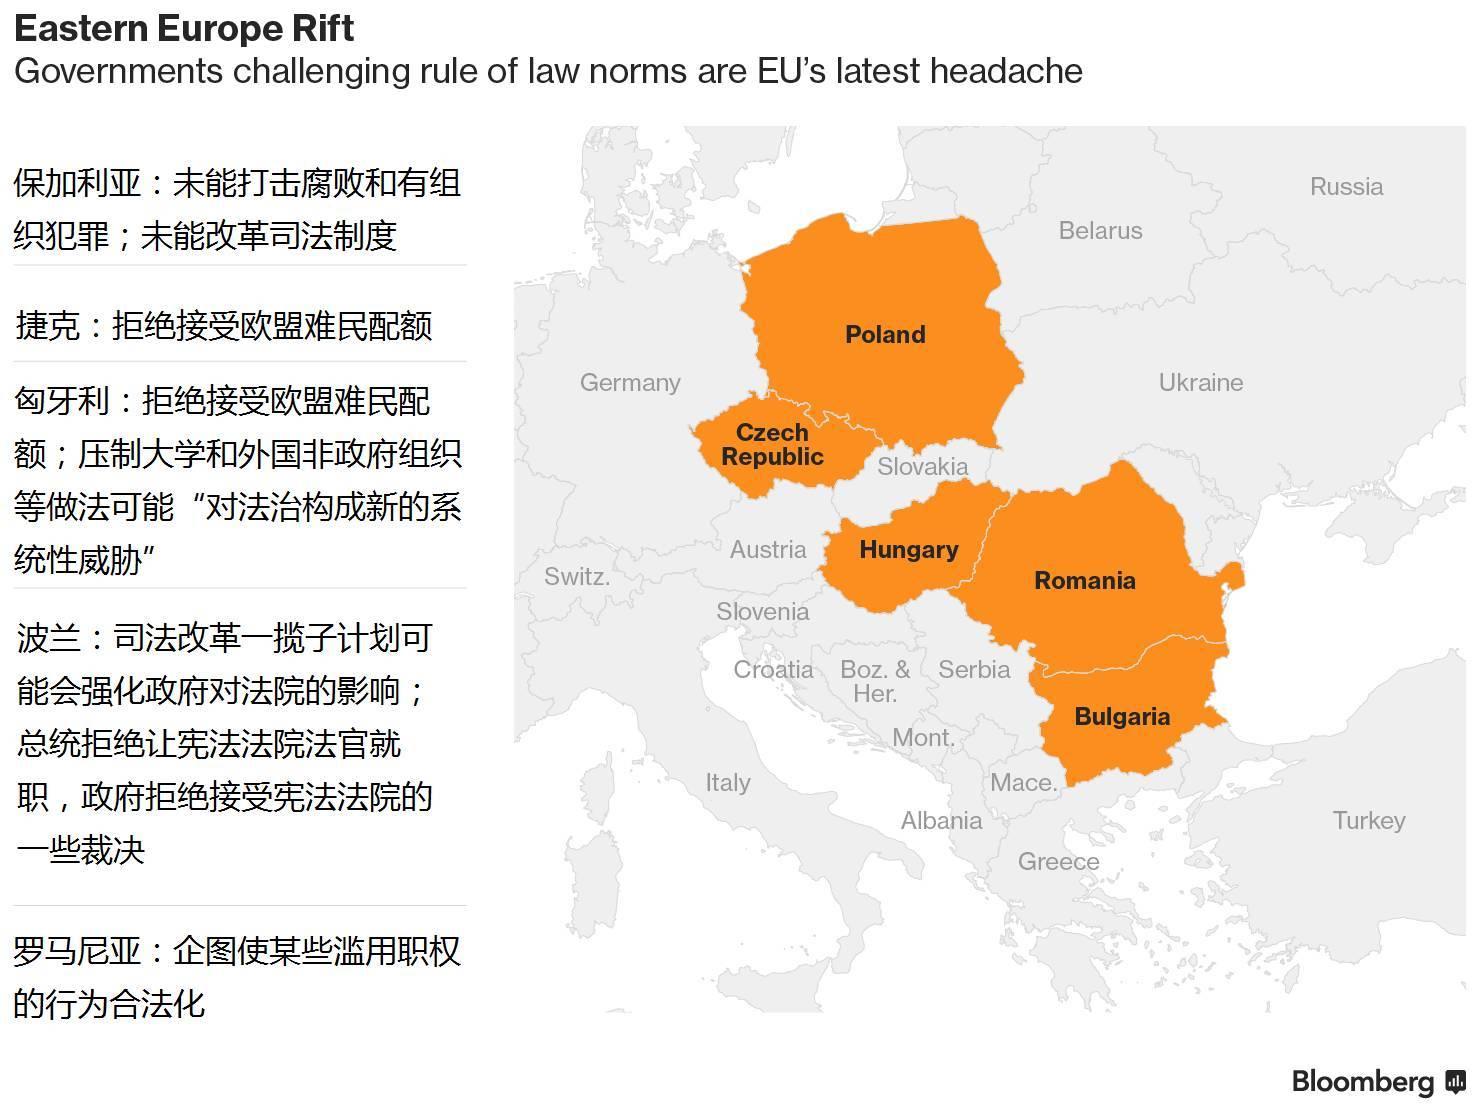 脱欧谈判、投资审查,欧洲领导人将面临最紧迫的挑战